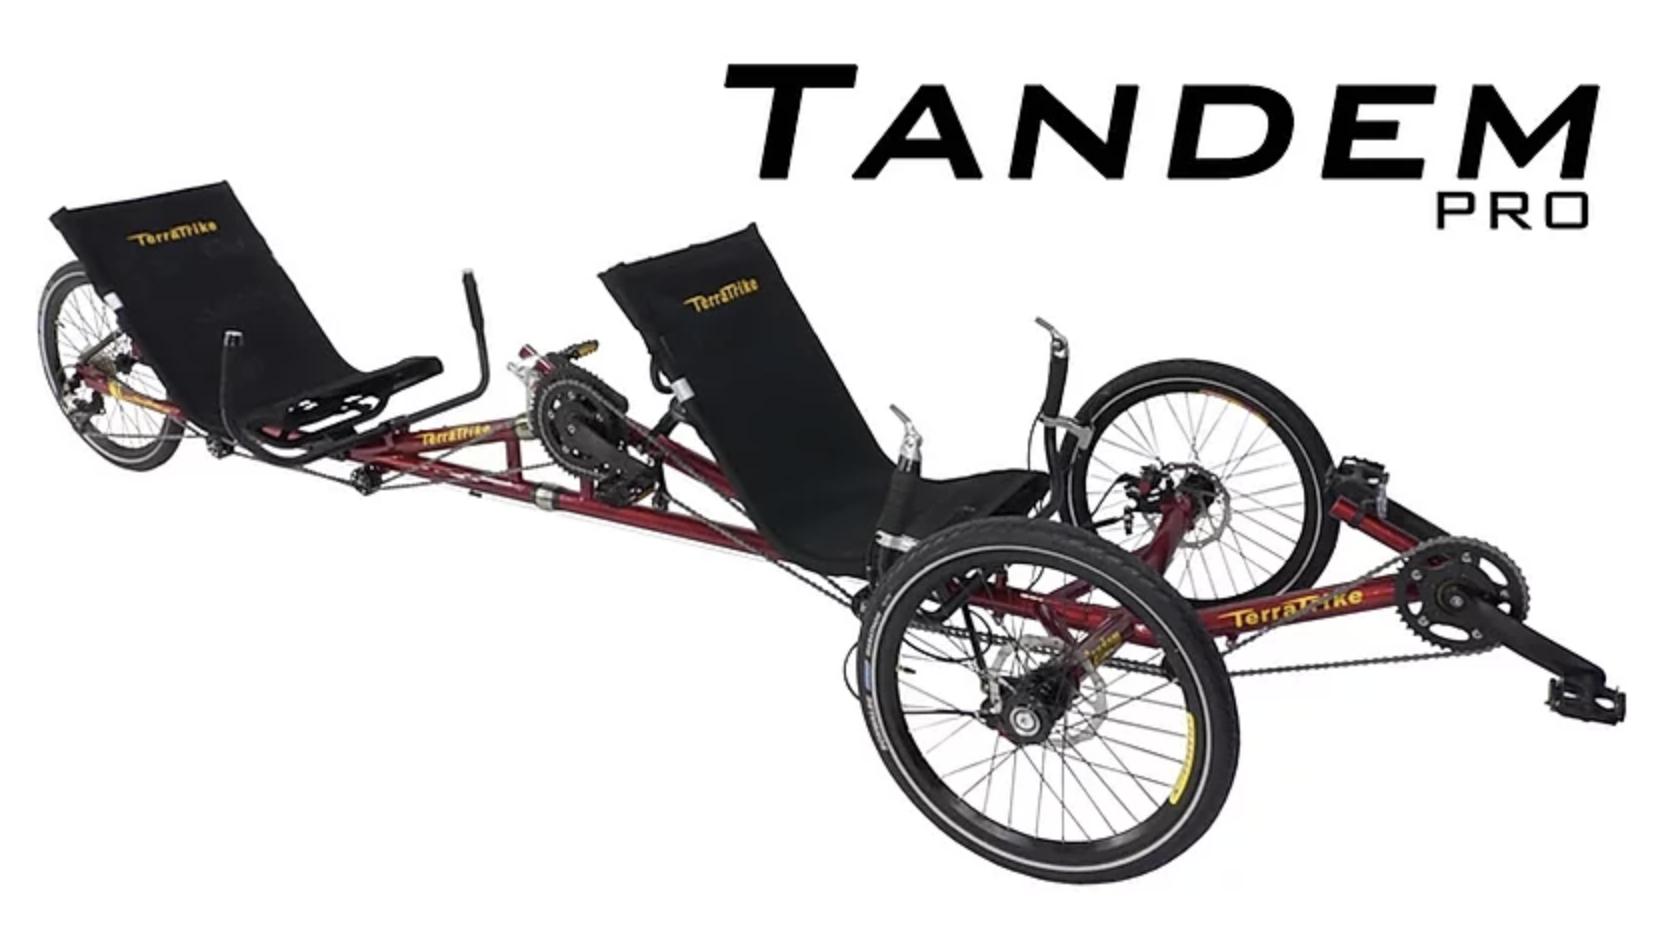 rent a tandem bike near me